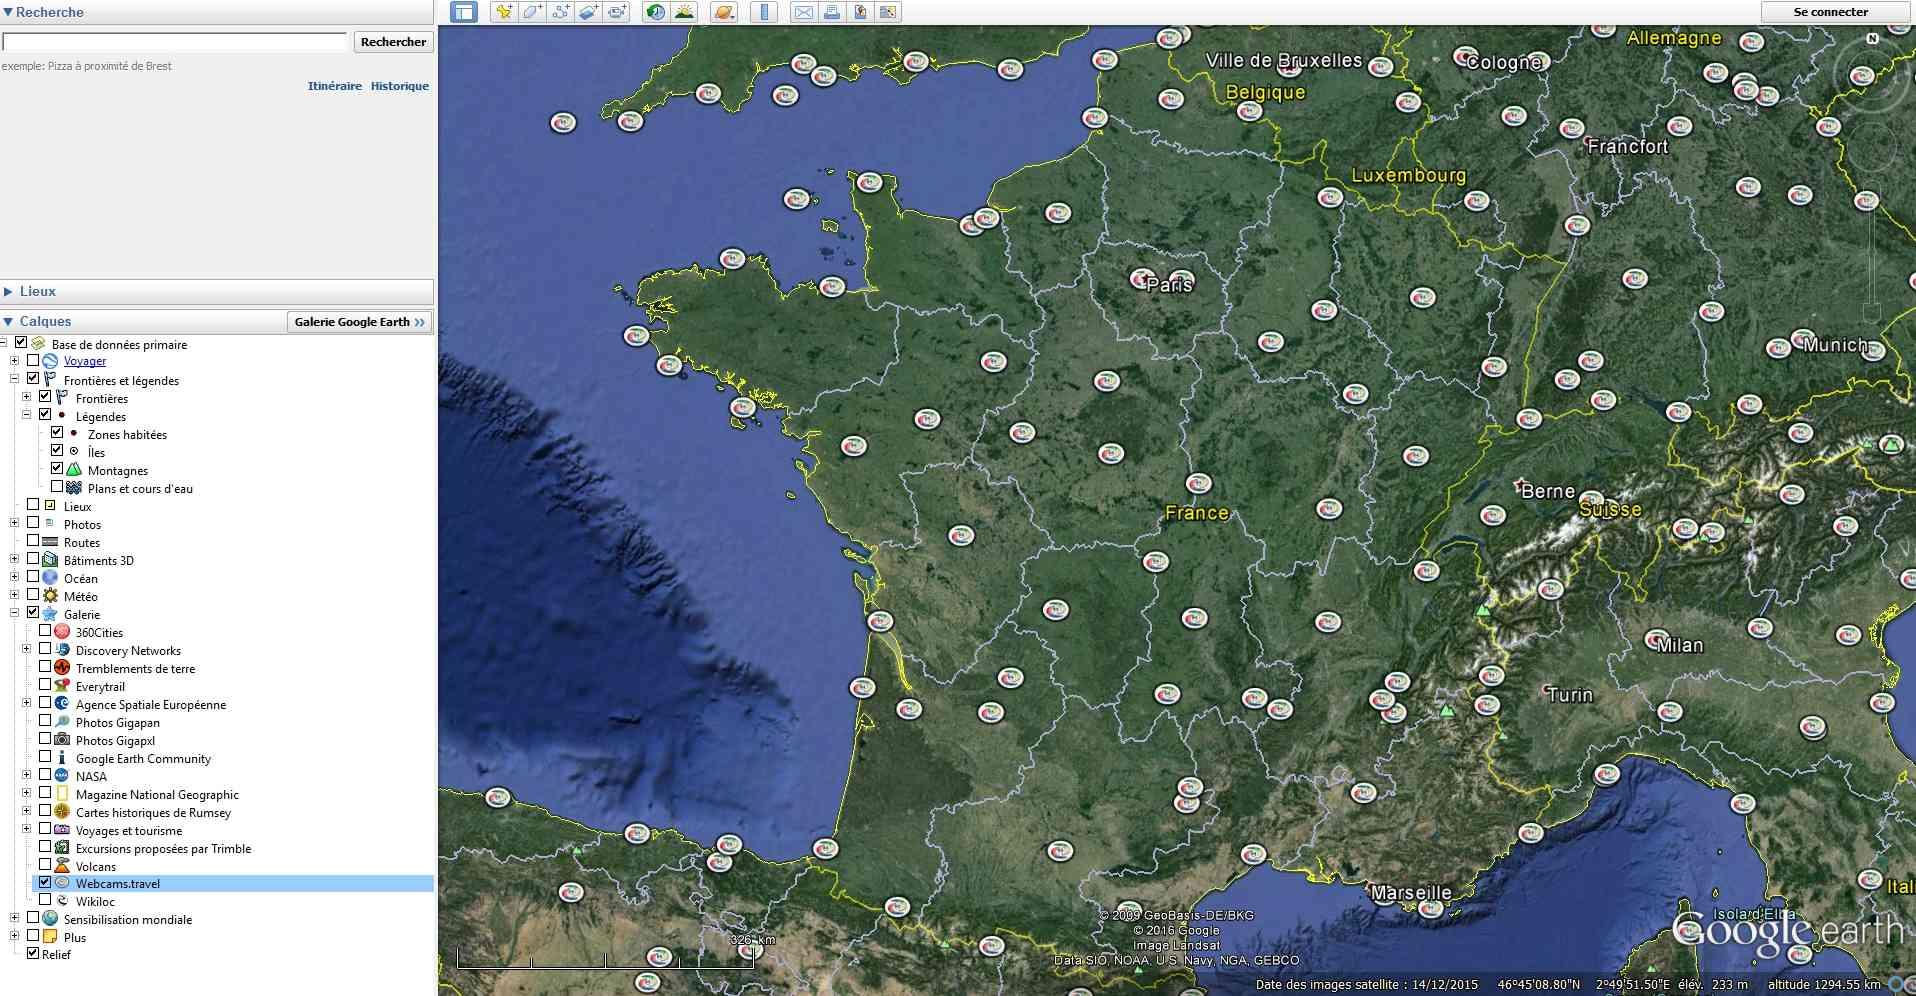 La France sous toutes ses coutures avec Google Earth - Page 6 Sans_157